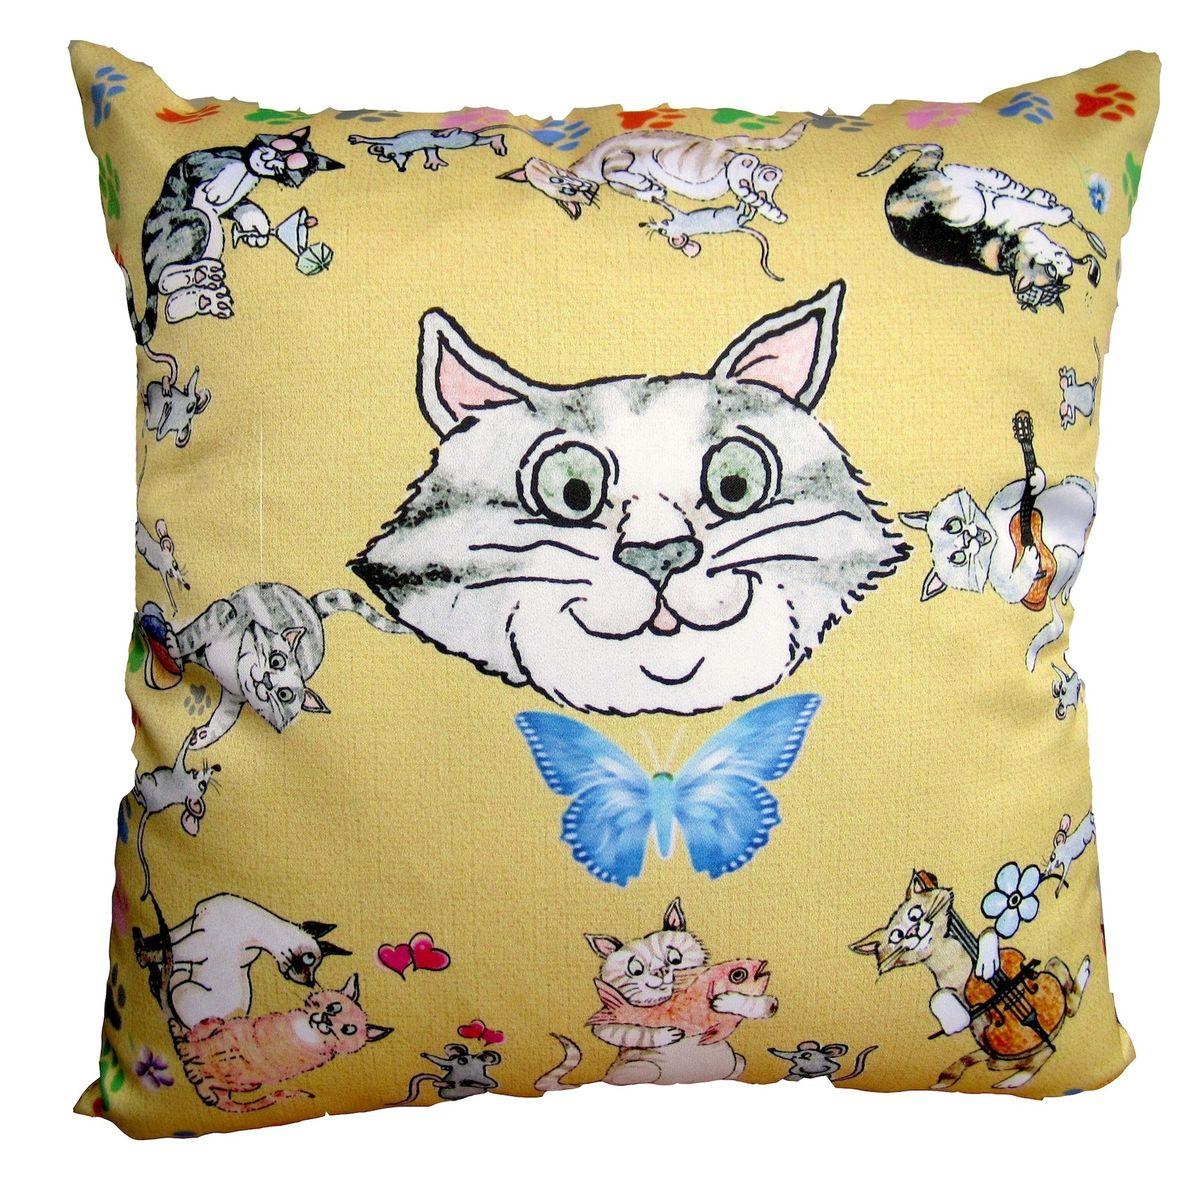 Подушка декоративная GiftnHome CatsnMouse, 35 см х 35 смPLW-35 Кошки-МышкиДекоративная подушка GiftnHome CatsnMouse - это яркое украшение вашего дома. Чехол выполнен из искусственного шелка и декорирован красочным изображением. Чехол закрывается на молнию. Внутреннее наполнение подушки - холлофайбер. Мягкая и комфортная подушка GiftnHome CatsnMouse не оставит равнодушными тех, кто ценит красоту и комфорт. Размер: 35 см х 35 см.